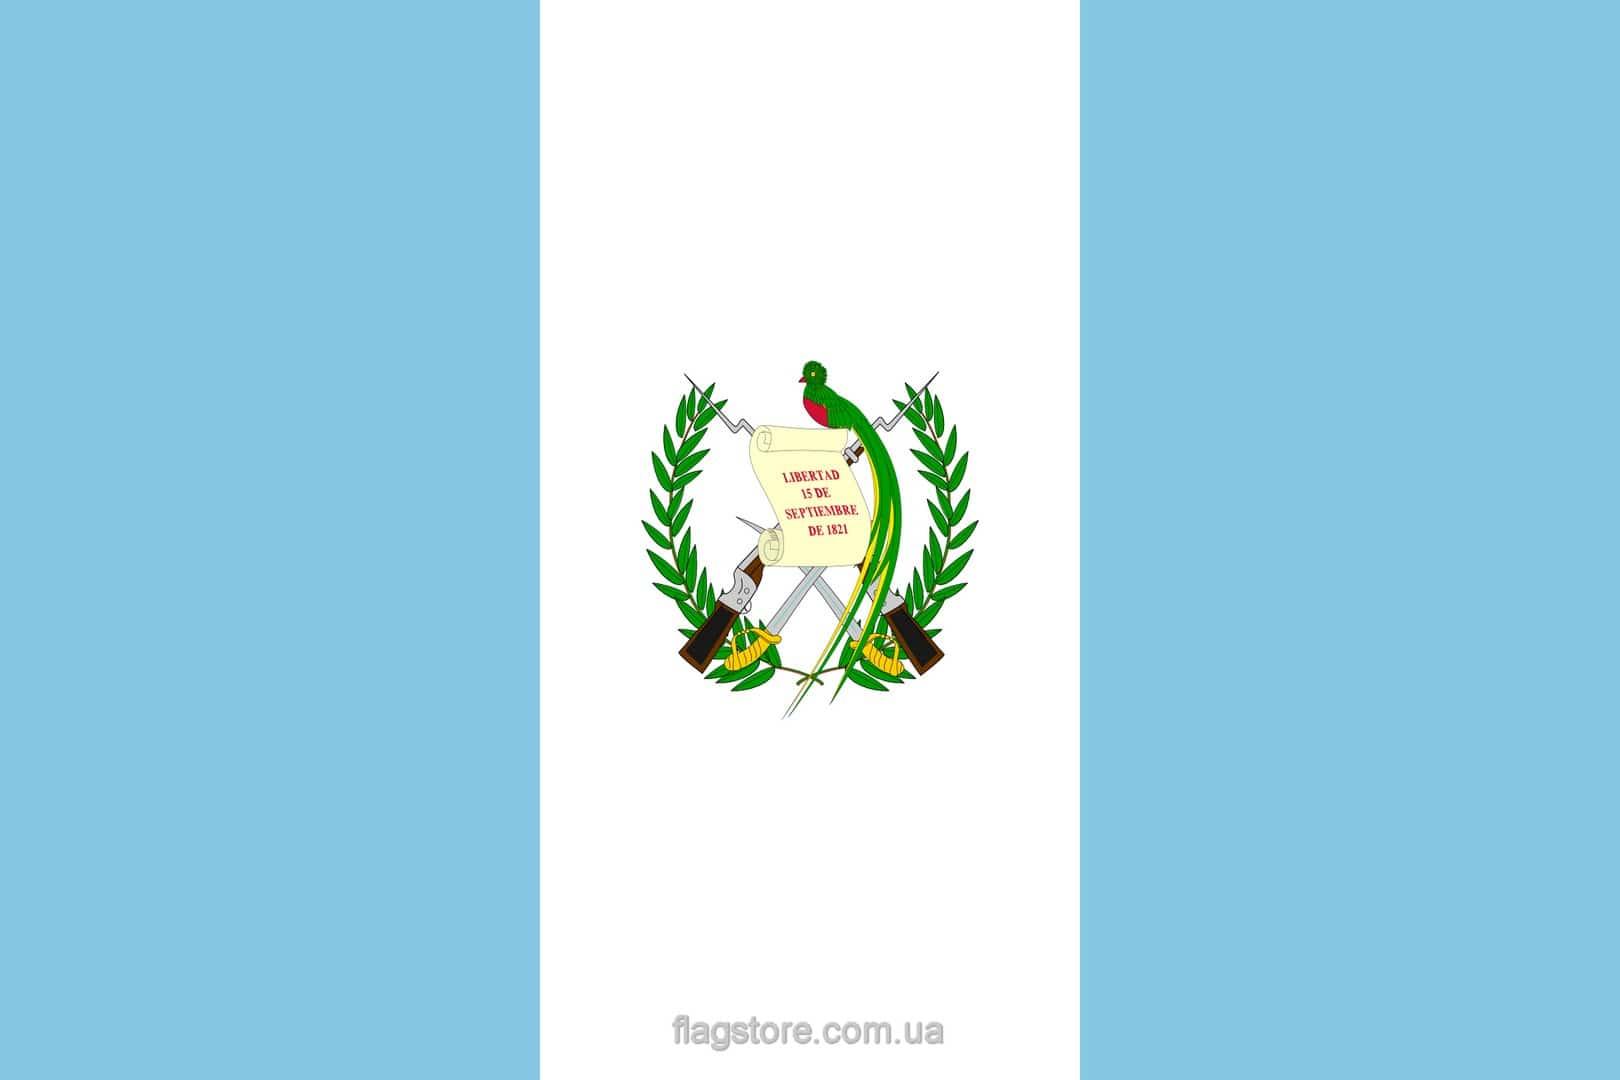 Купить флаг Гватемалы (страны Гватемала)